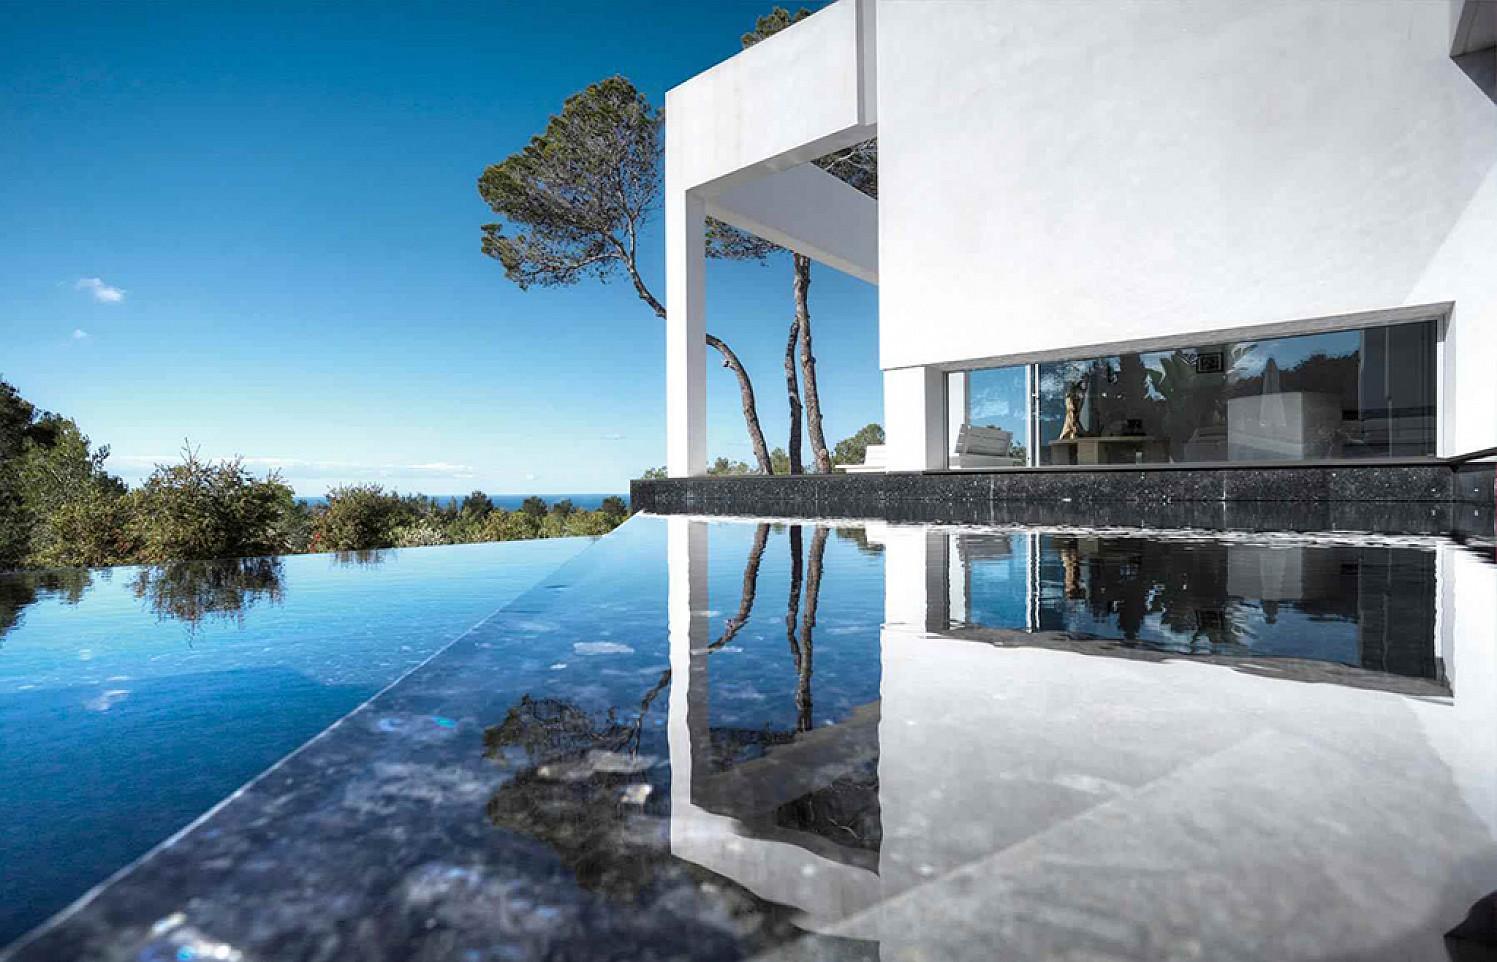 Exteriores de la casa con la piscina